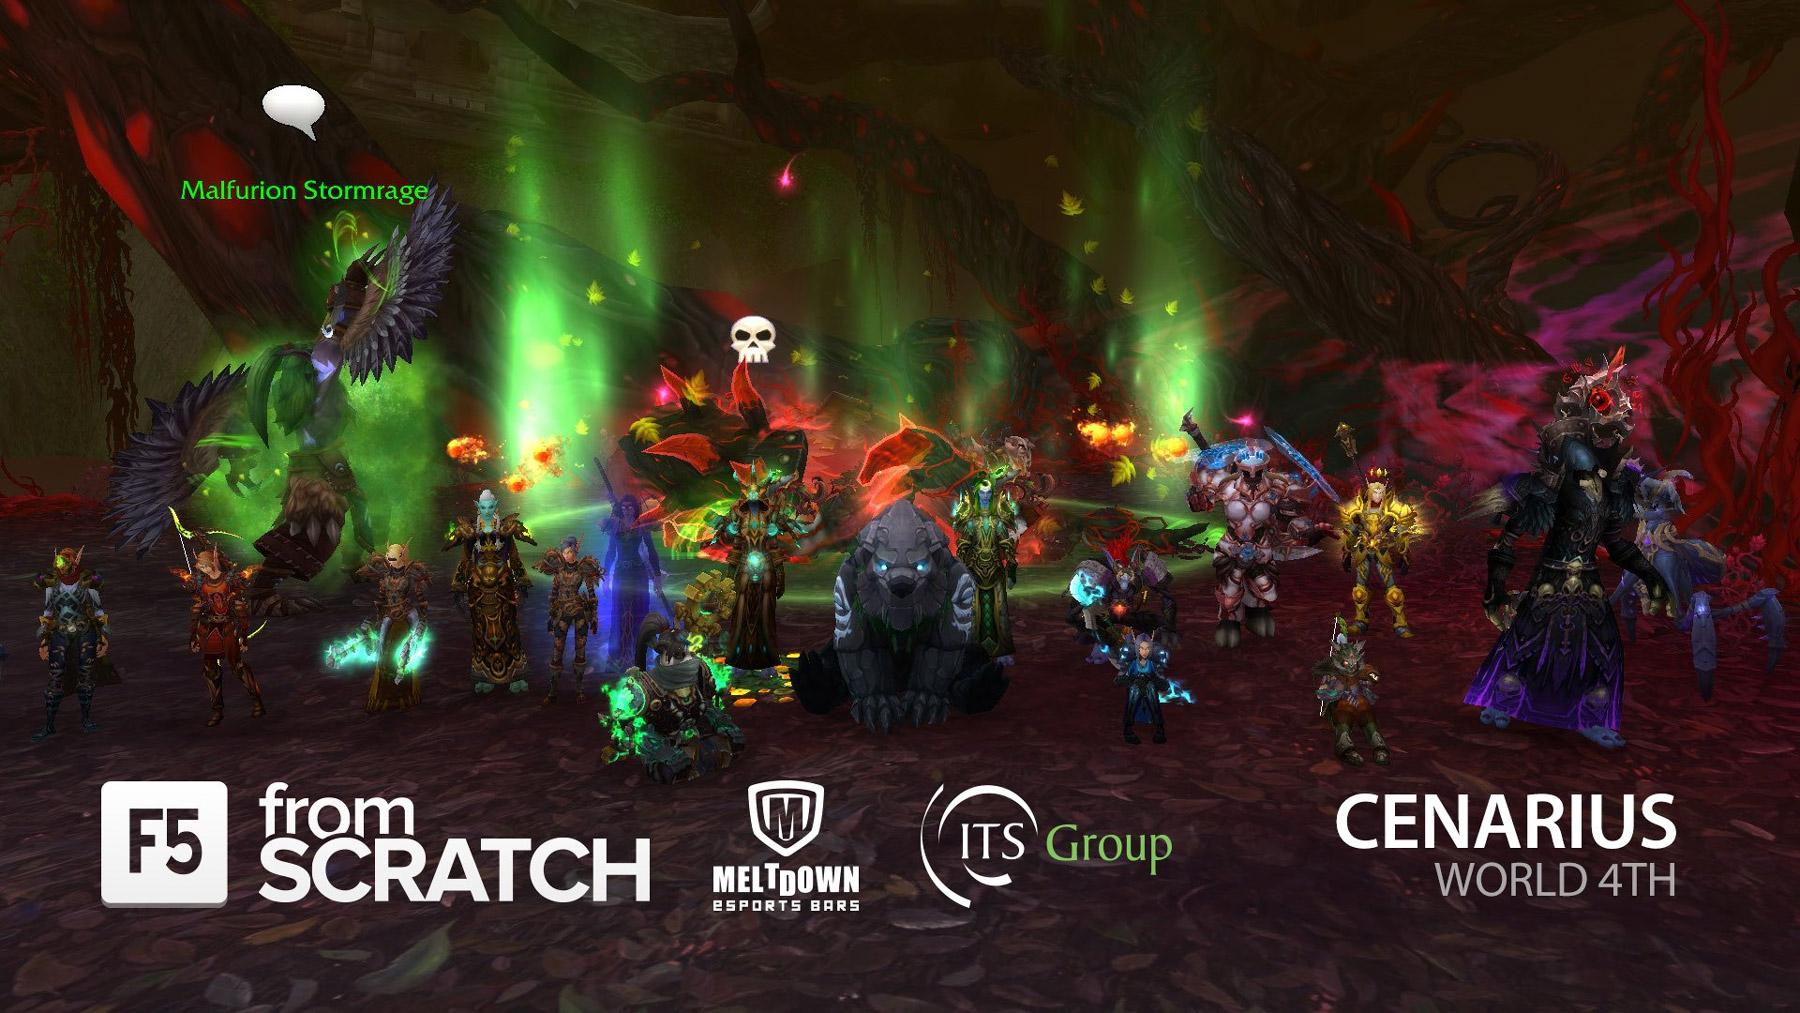 La guilde From Scratch termine le Cauchemar d'émeraude et obtient la 4ème place au classement mondial